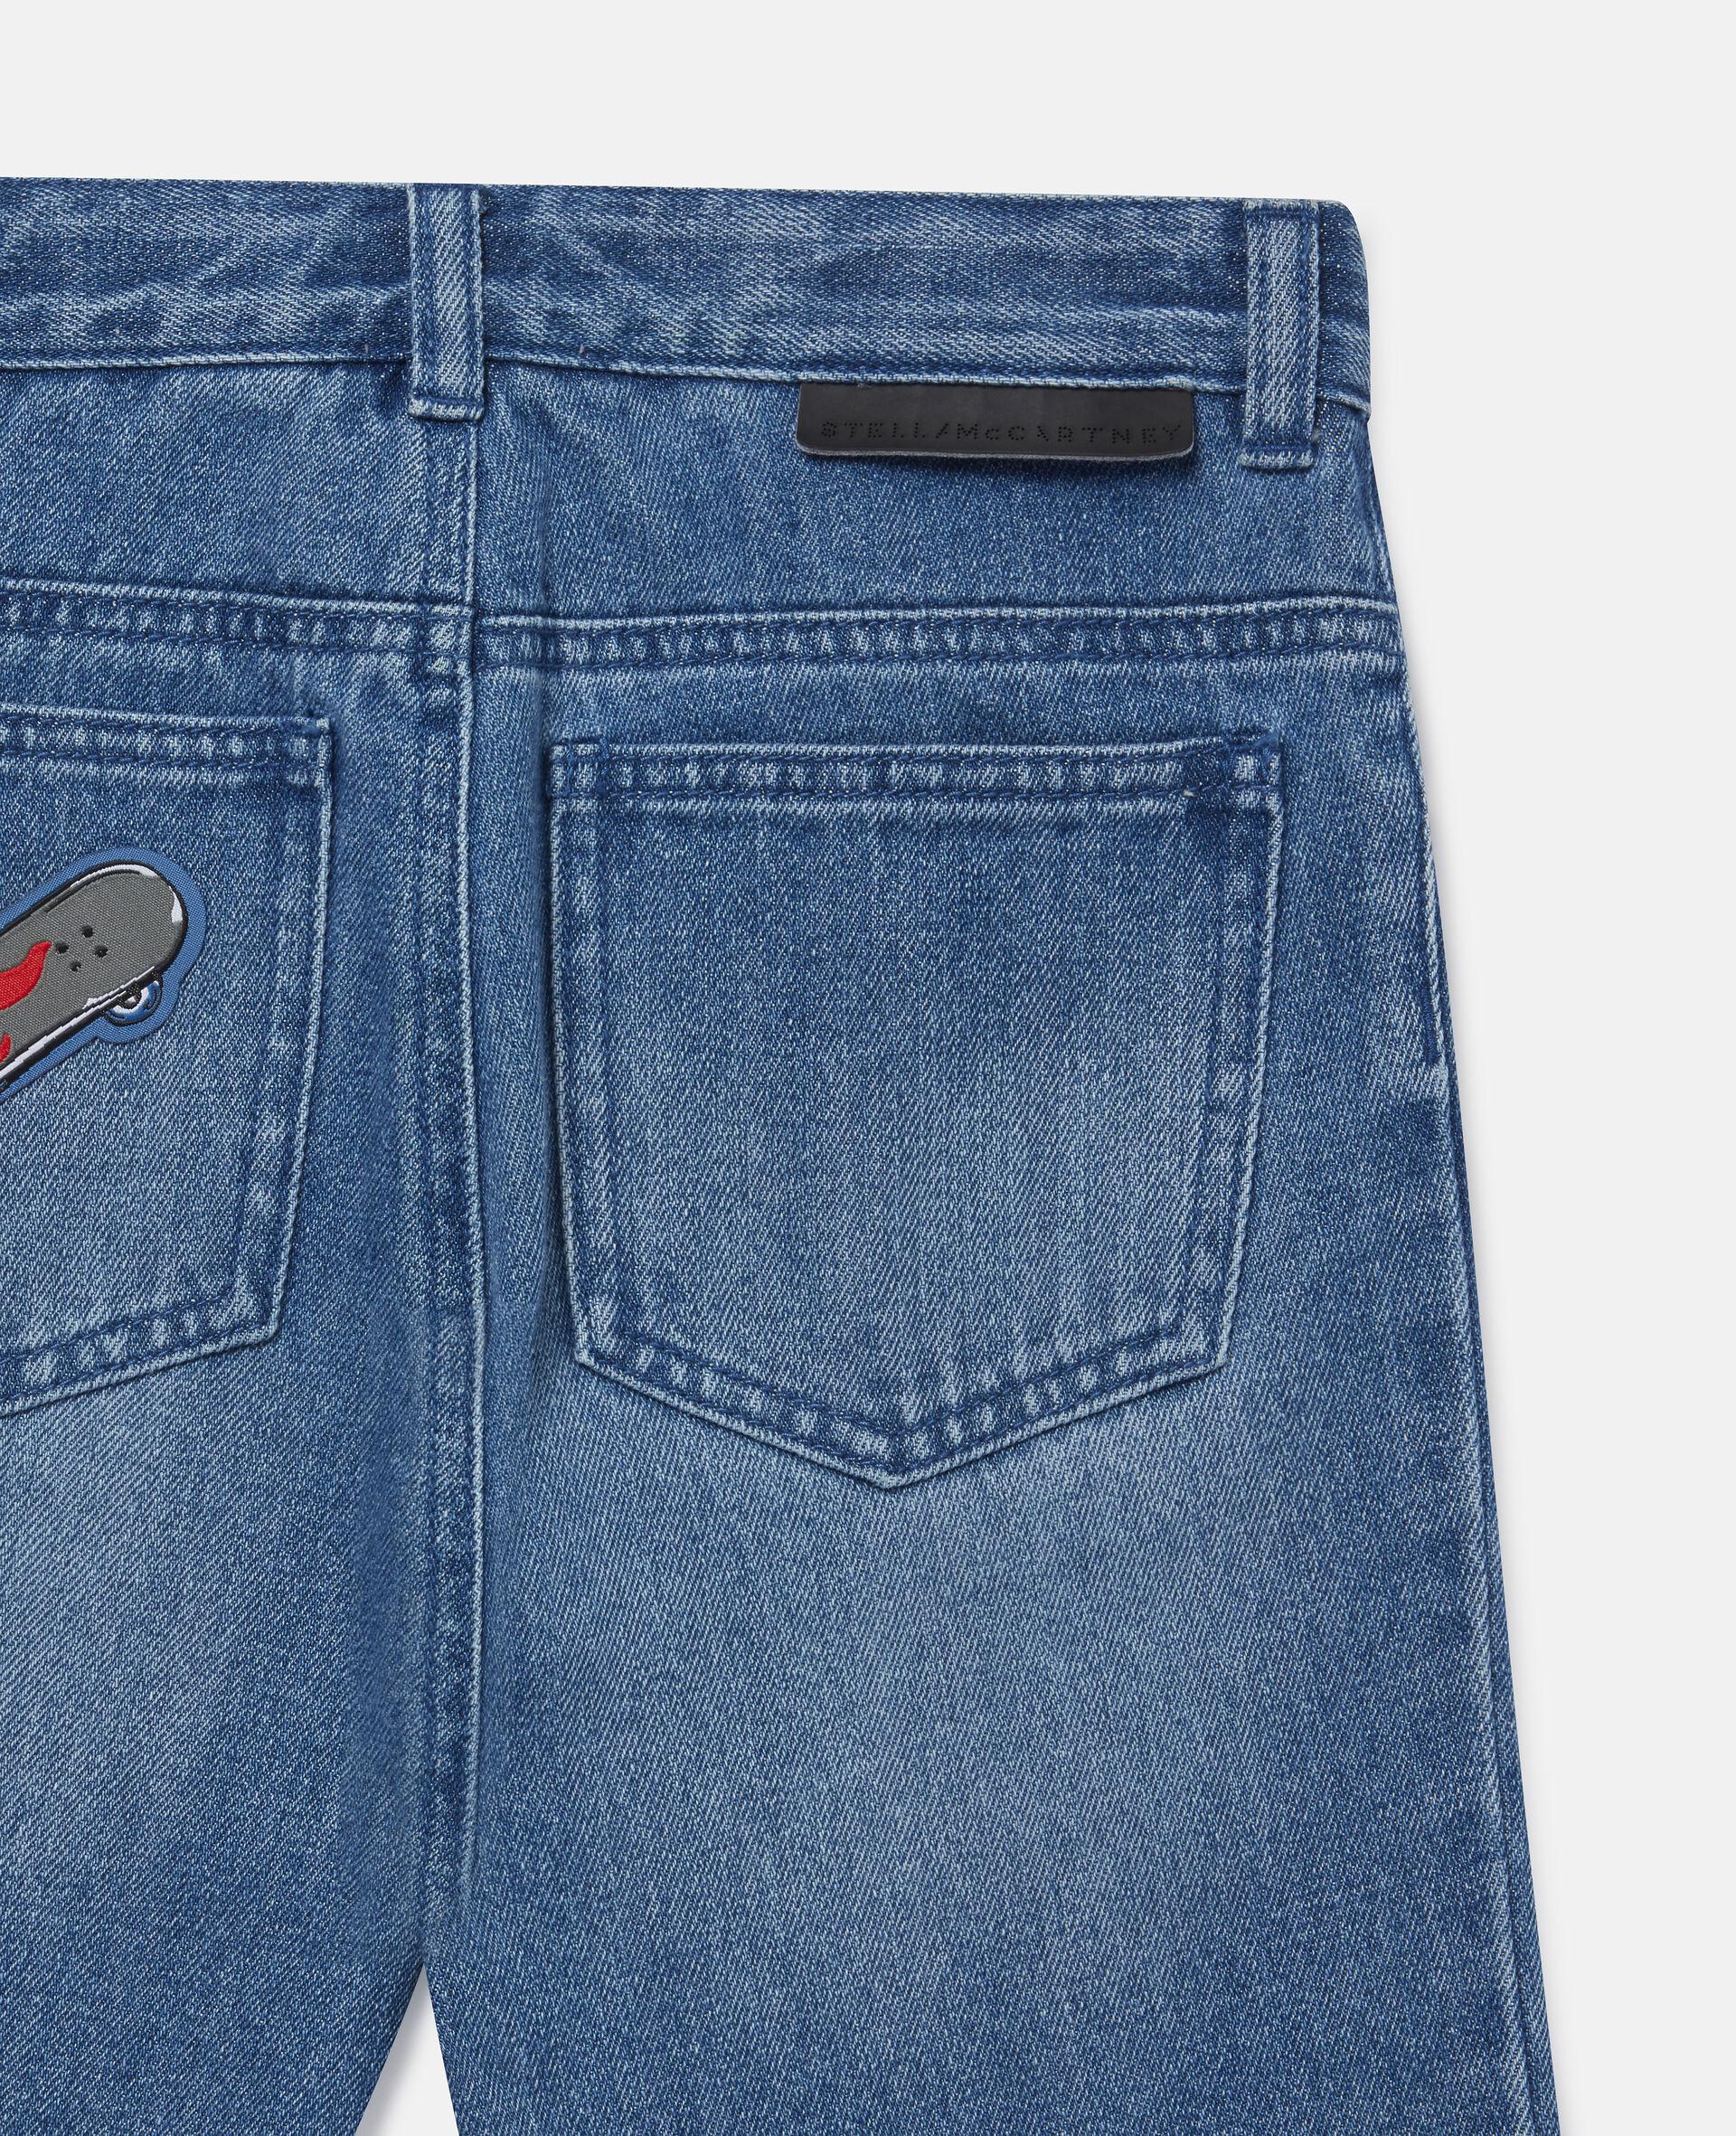 Skates Badges Denim Shorts-Blue-large image number 2